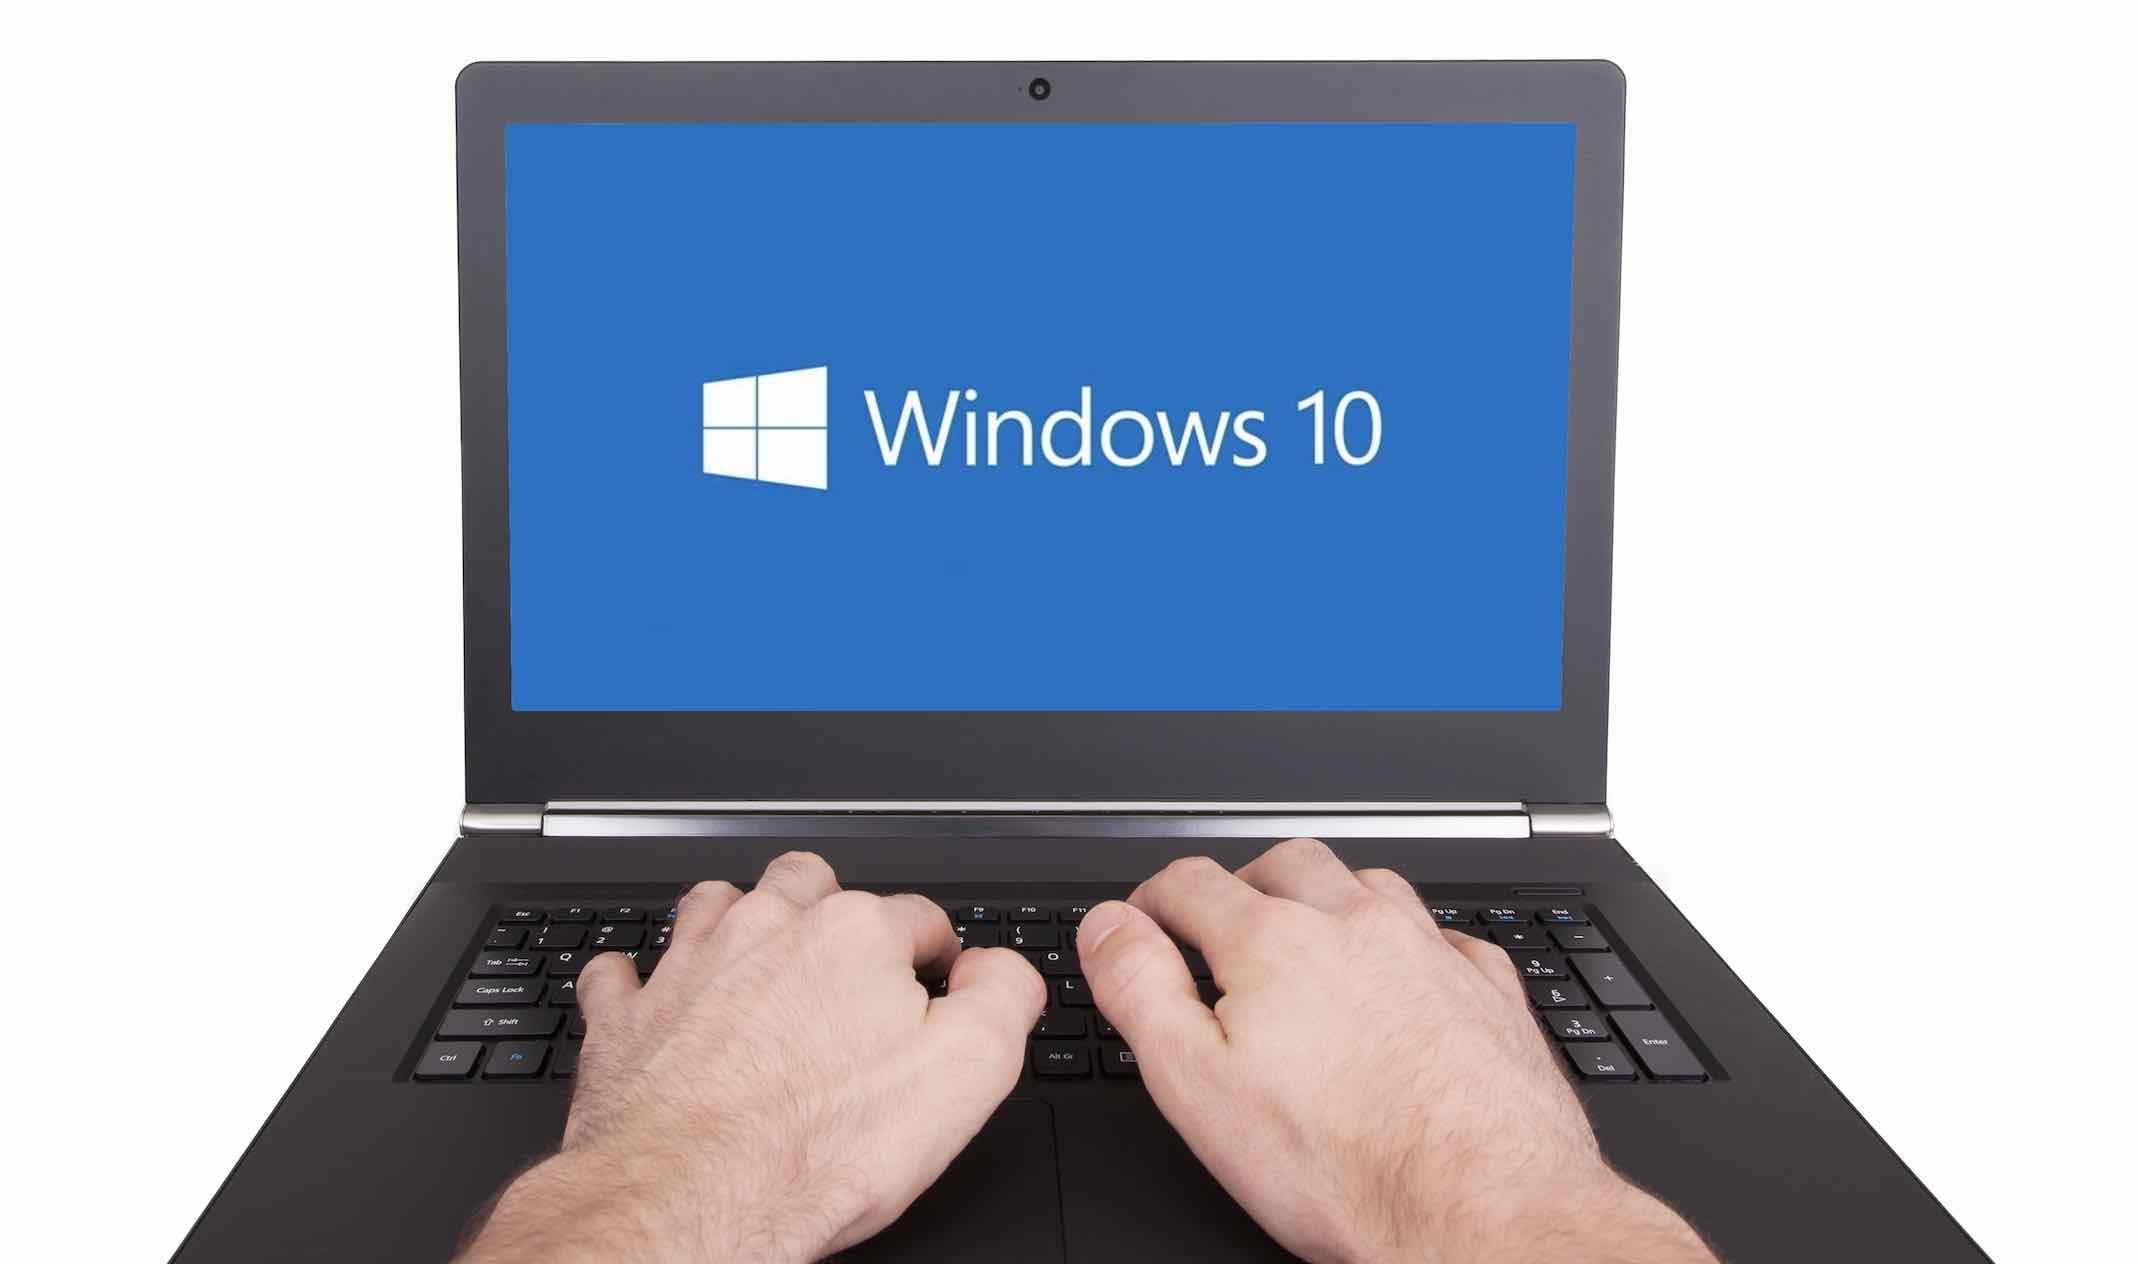 Cách tạo ổ đĩa ảo trên Windows 10 bằng VHD hoặc UltraISO